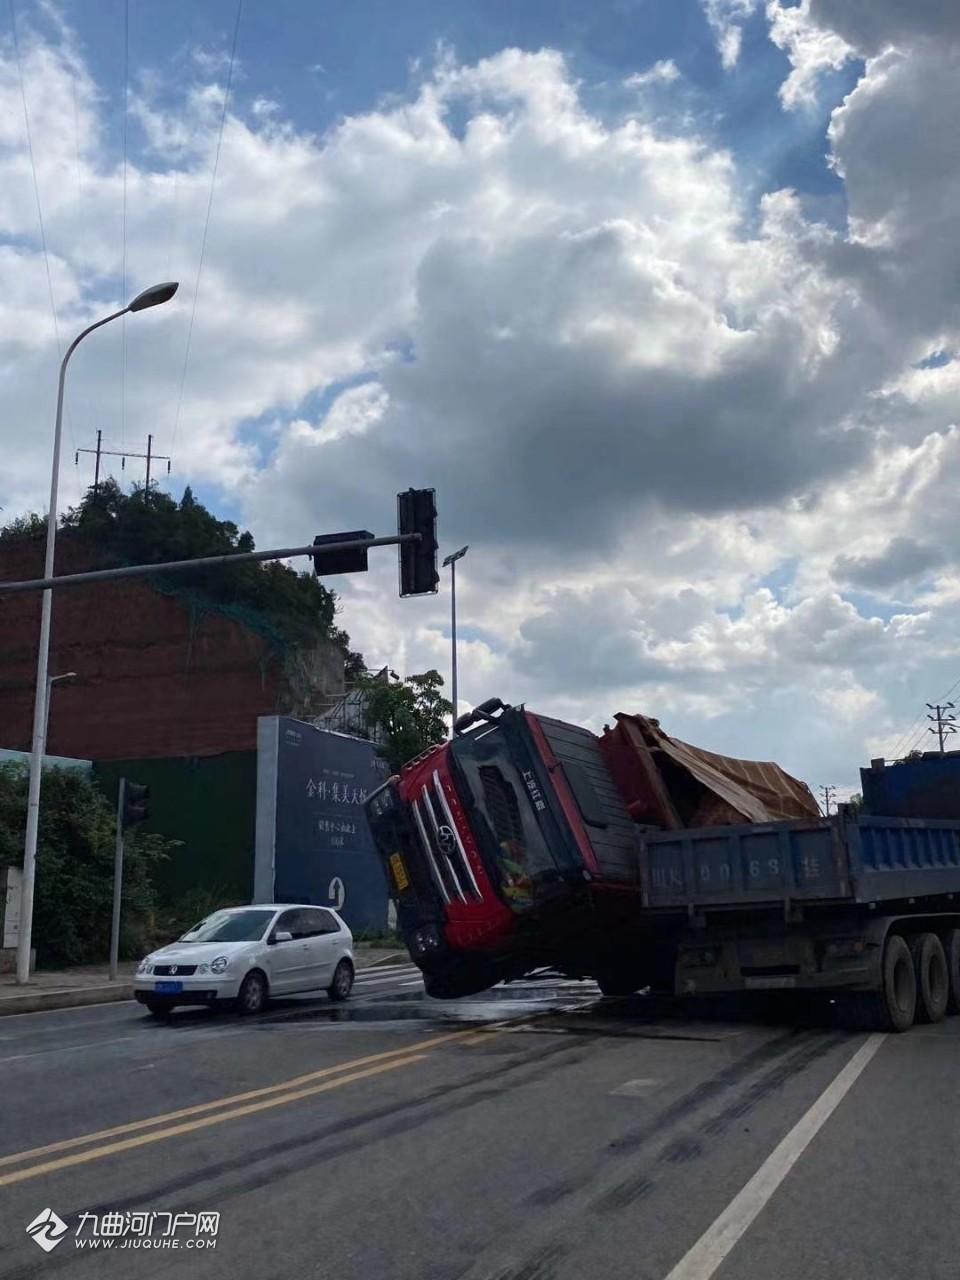 资阳外环路一辆大货车侧翻,与另一辆车发生碰撞,造成交通拥堵!